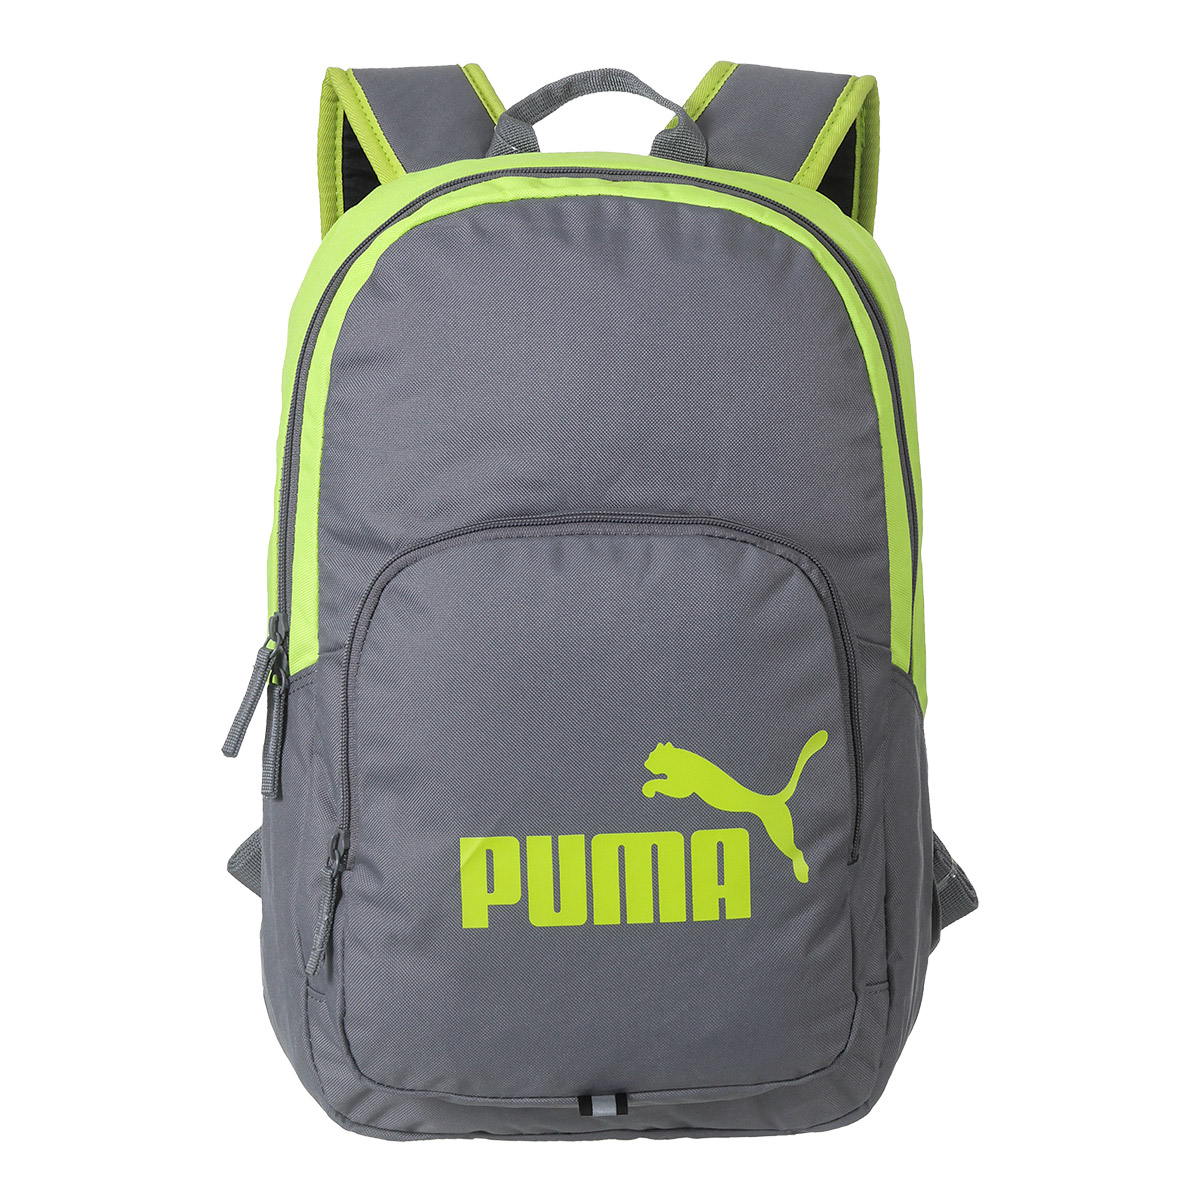 Mochila Puma Phase Unissex - Verde Limão/Cinza